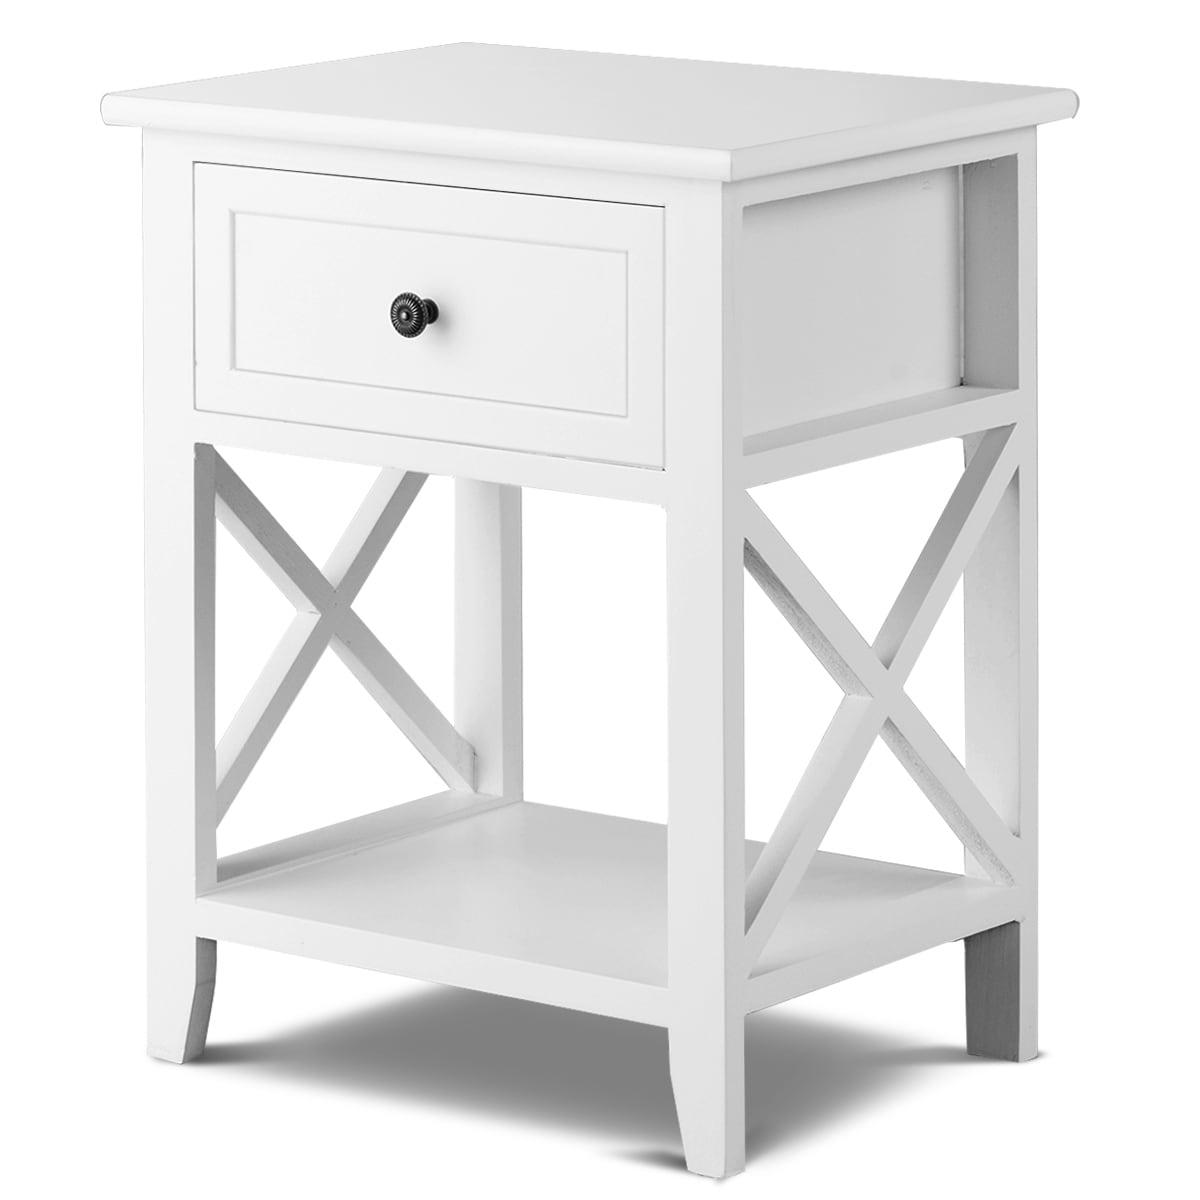 Black Nightstand Bedside Table 2 Drawer End Side Storage Shelf Bedroom Furniture